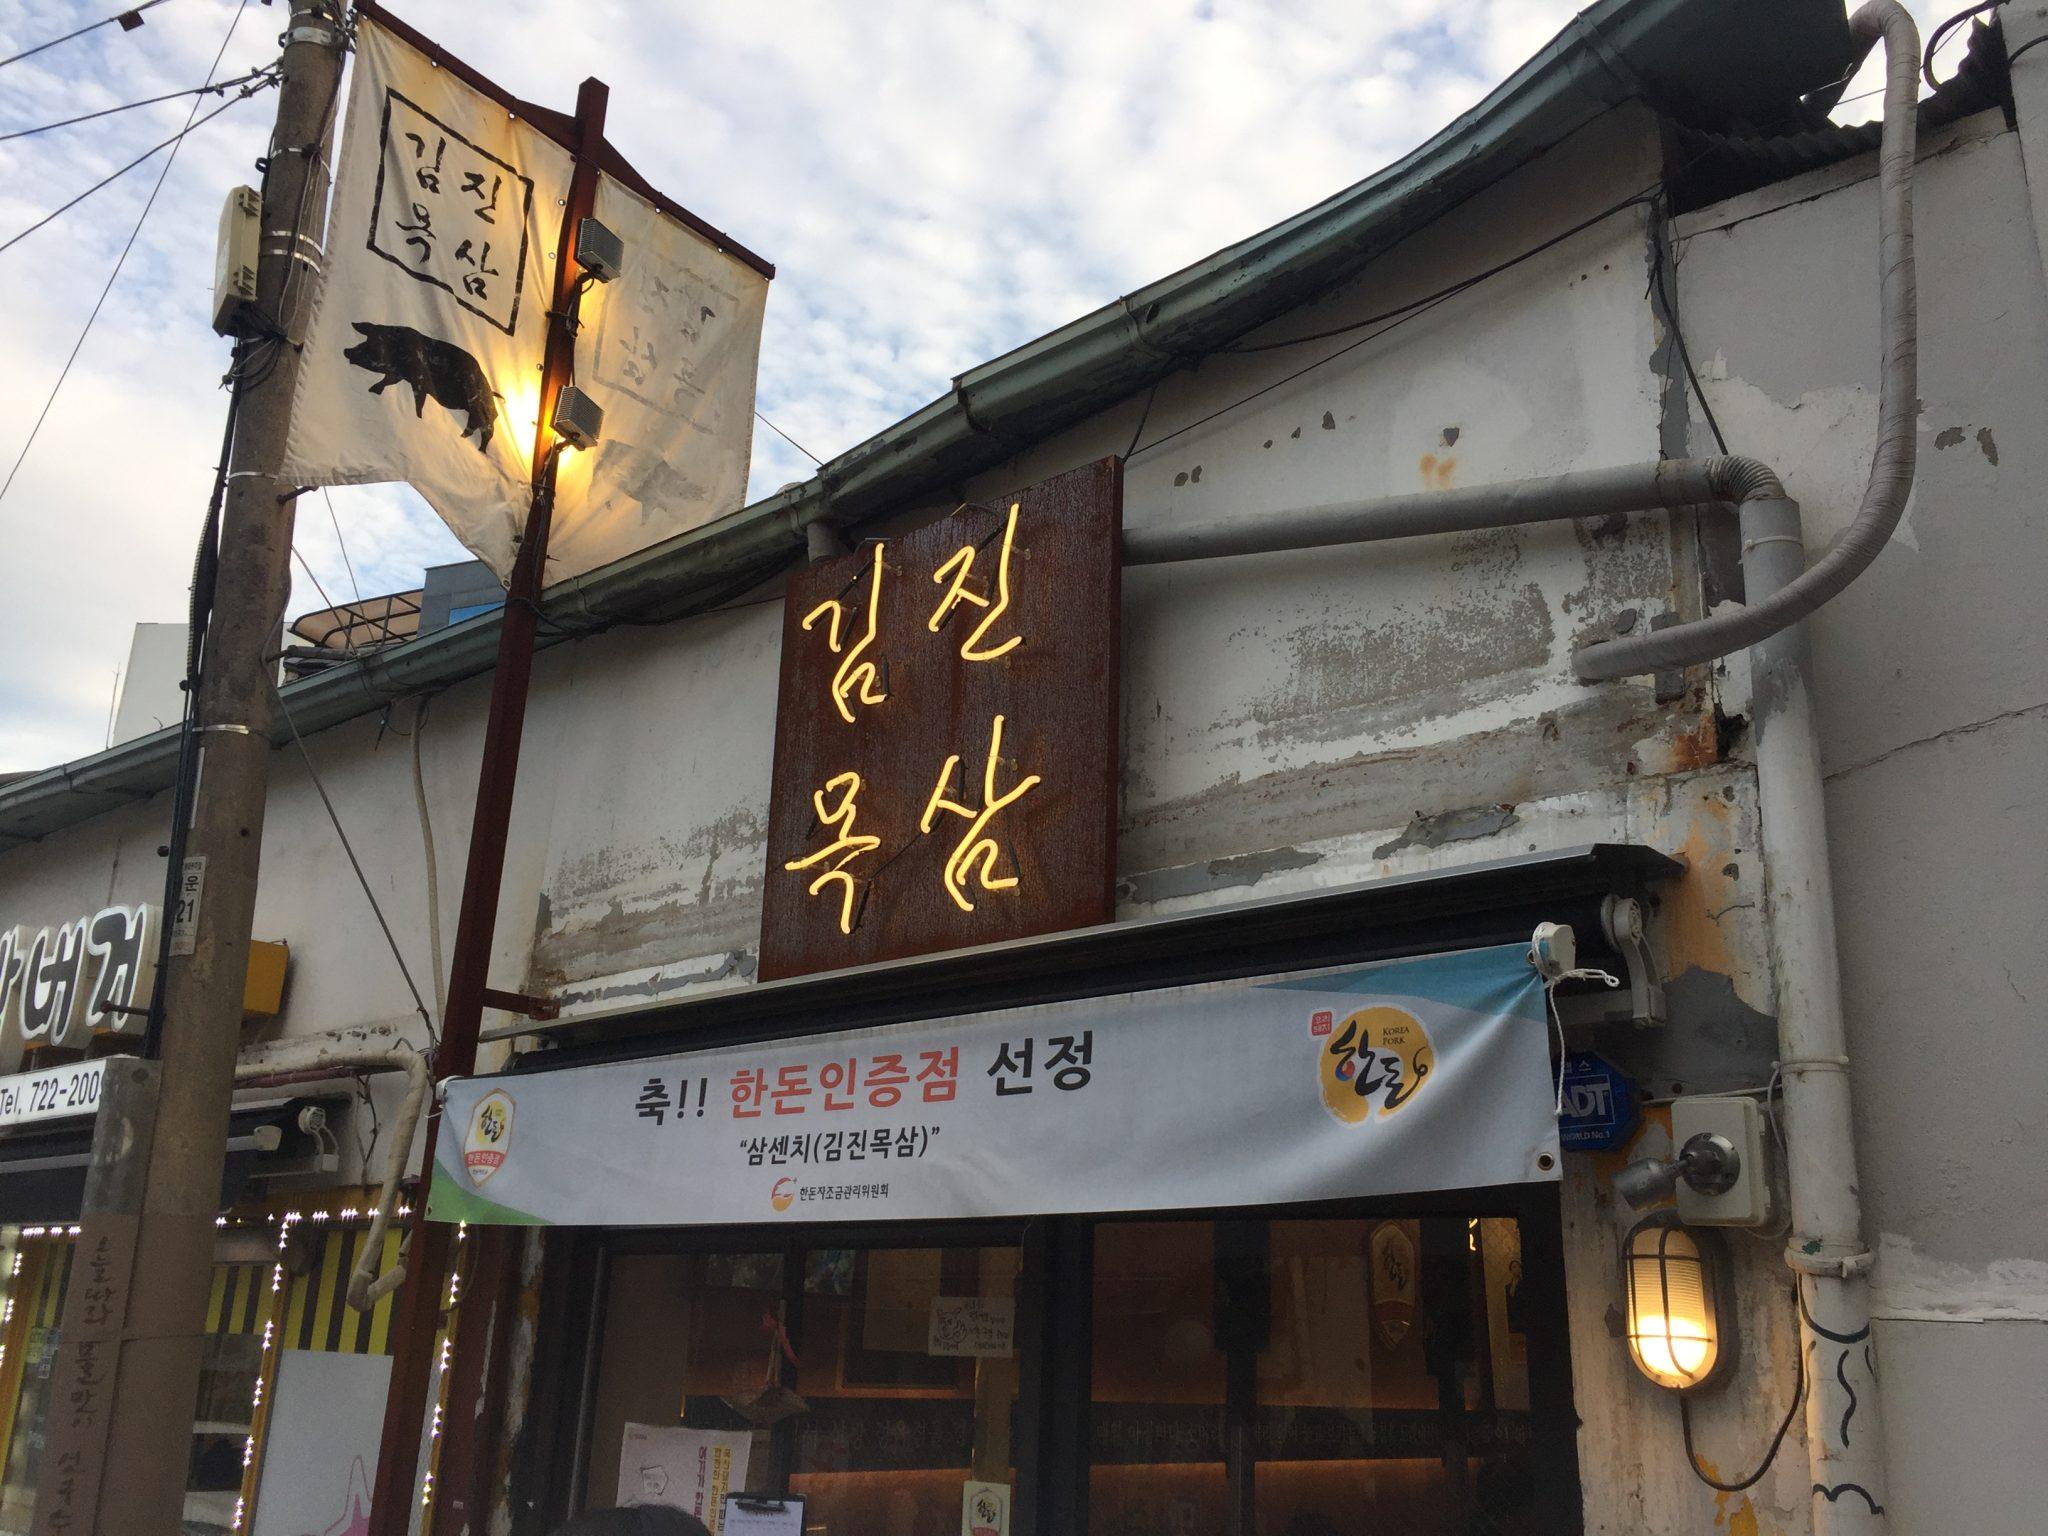 景福宮の近くで、サムギョプサル!キムジンモクサム(김진목삼)に行ってきた!サムギョと肩肉専門店です^^